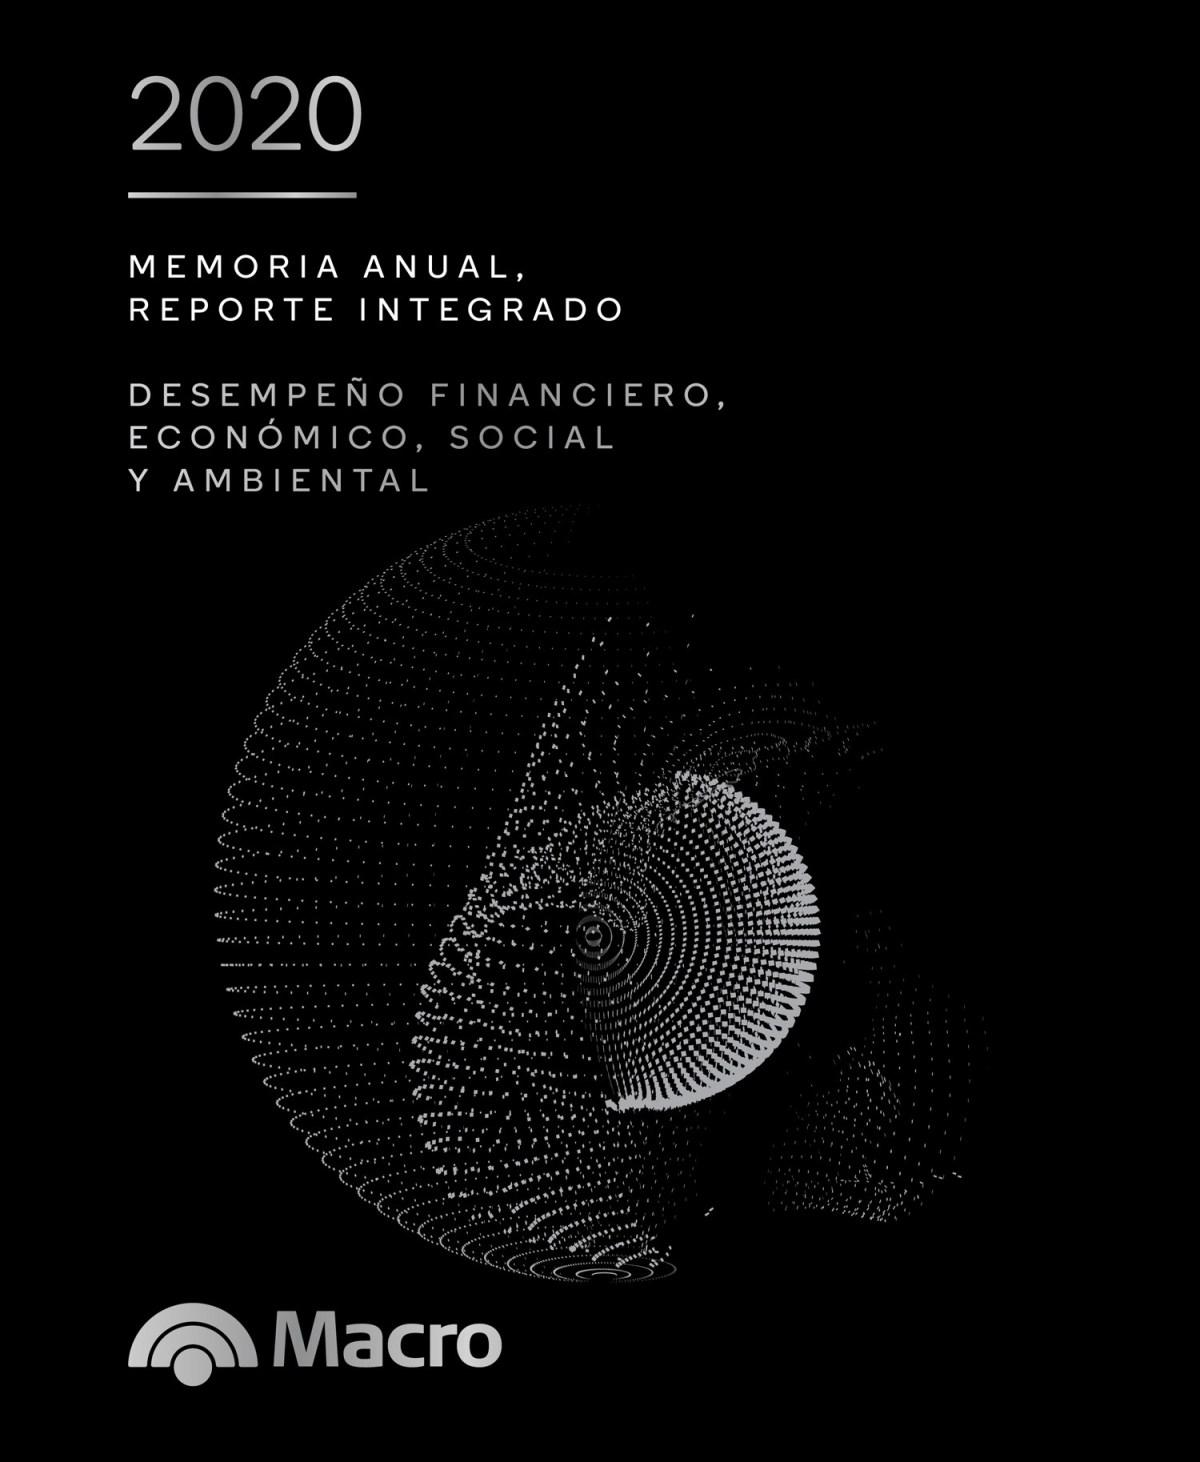 Memoria Anual y Reporte Integrado 2020 de Banco Macro